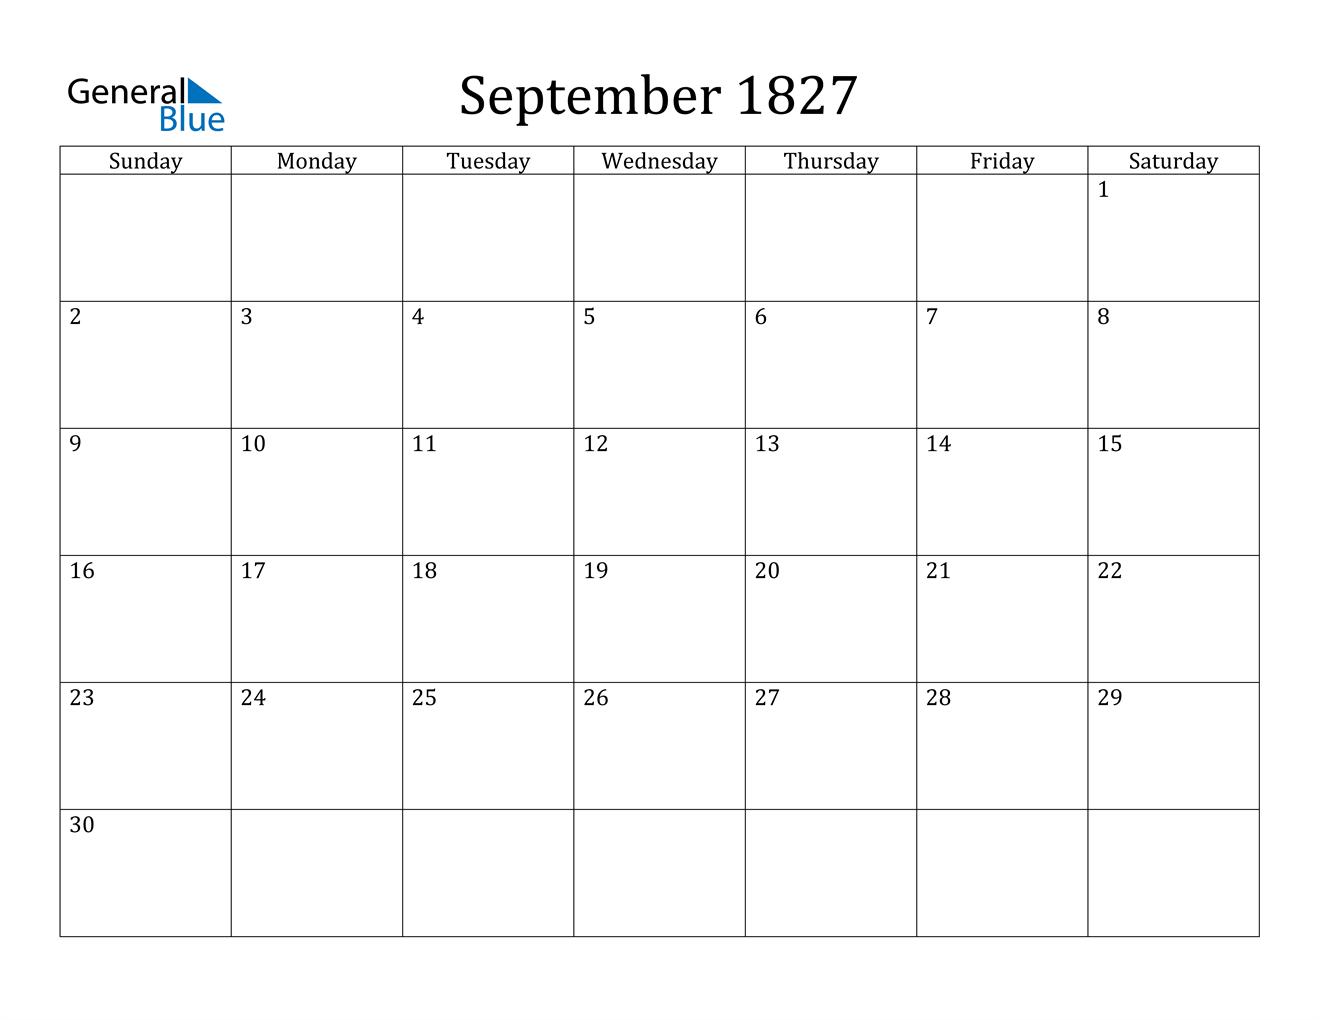 Image of September 1827 Calendar